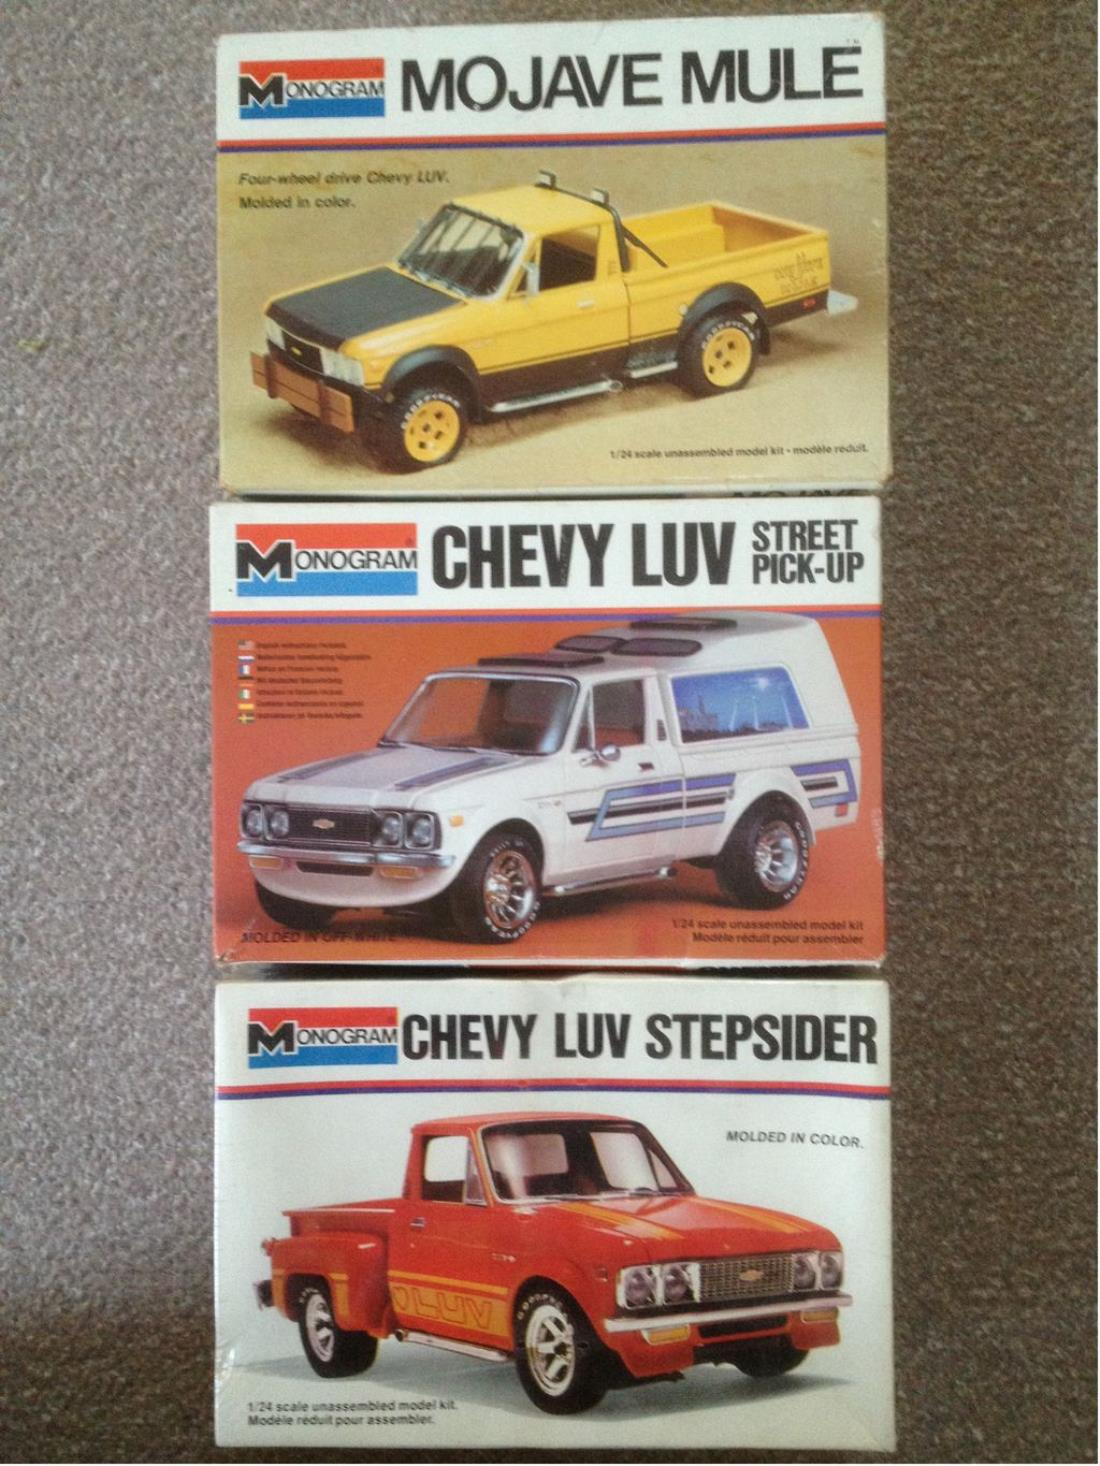 Image result for monogram luv pickup kit